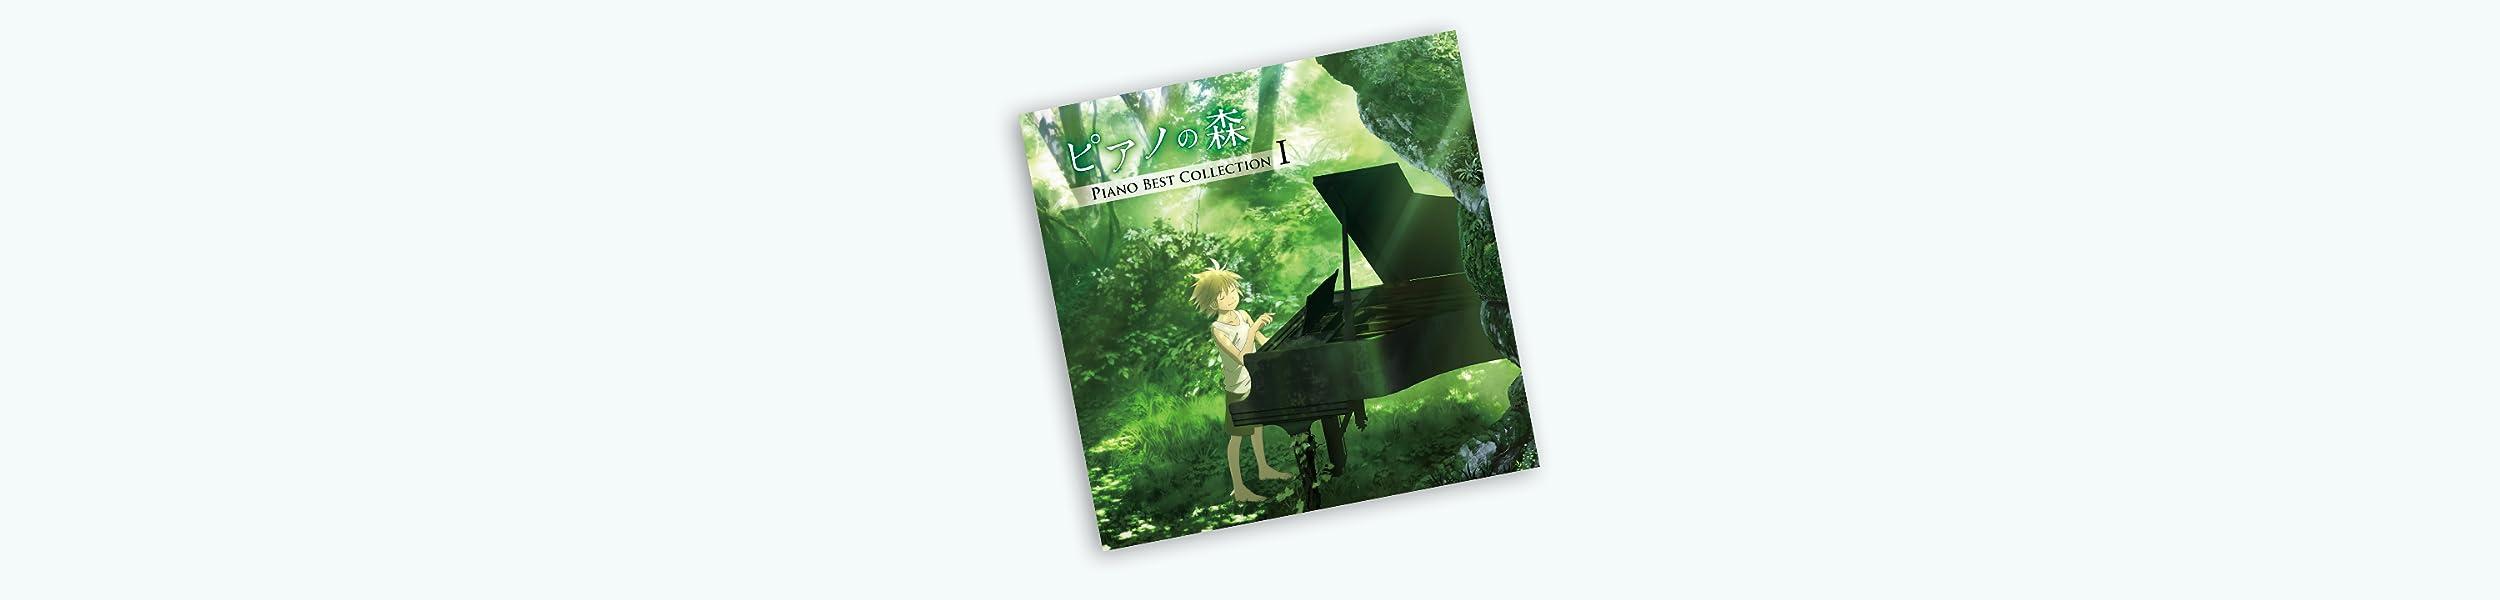 6/20発売 「ピアノの森」Piano Best Collection I